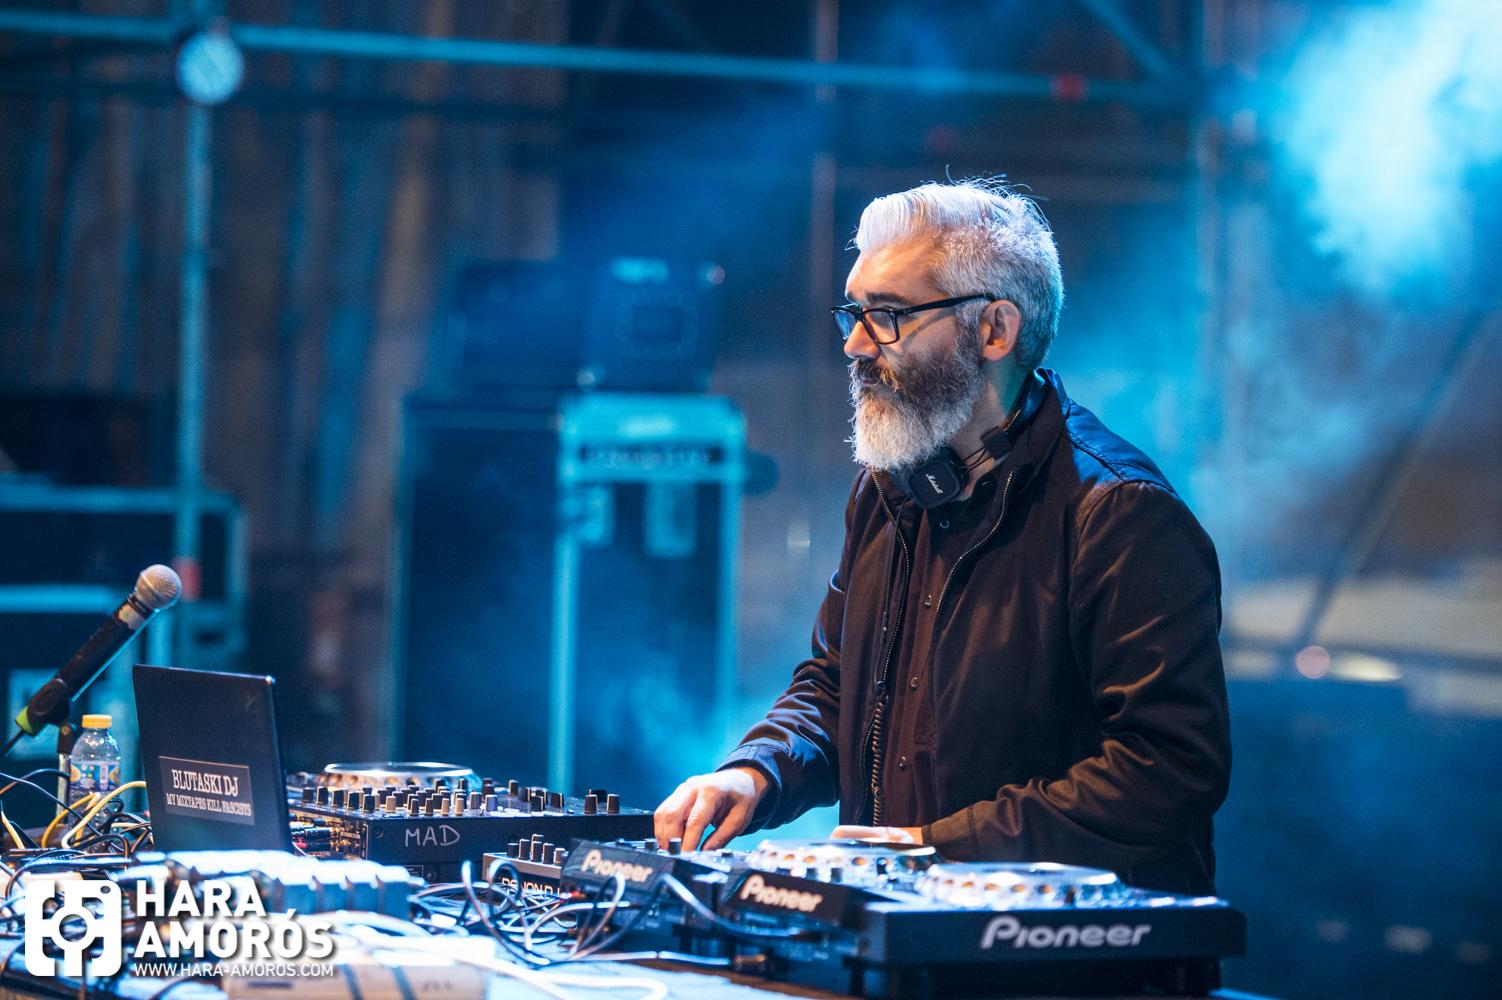 MBC_HD54 - viernes - 17 Blutaski DJ - © Hara Amorós